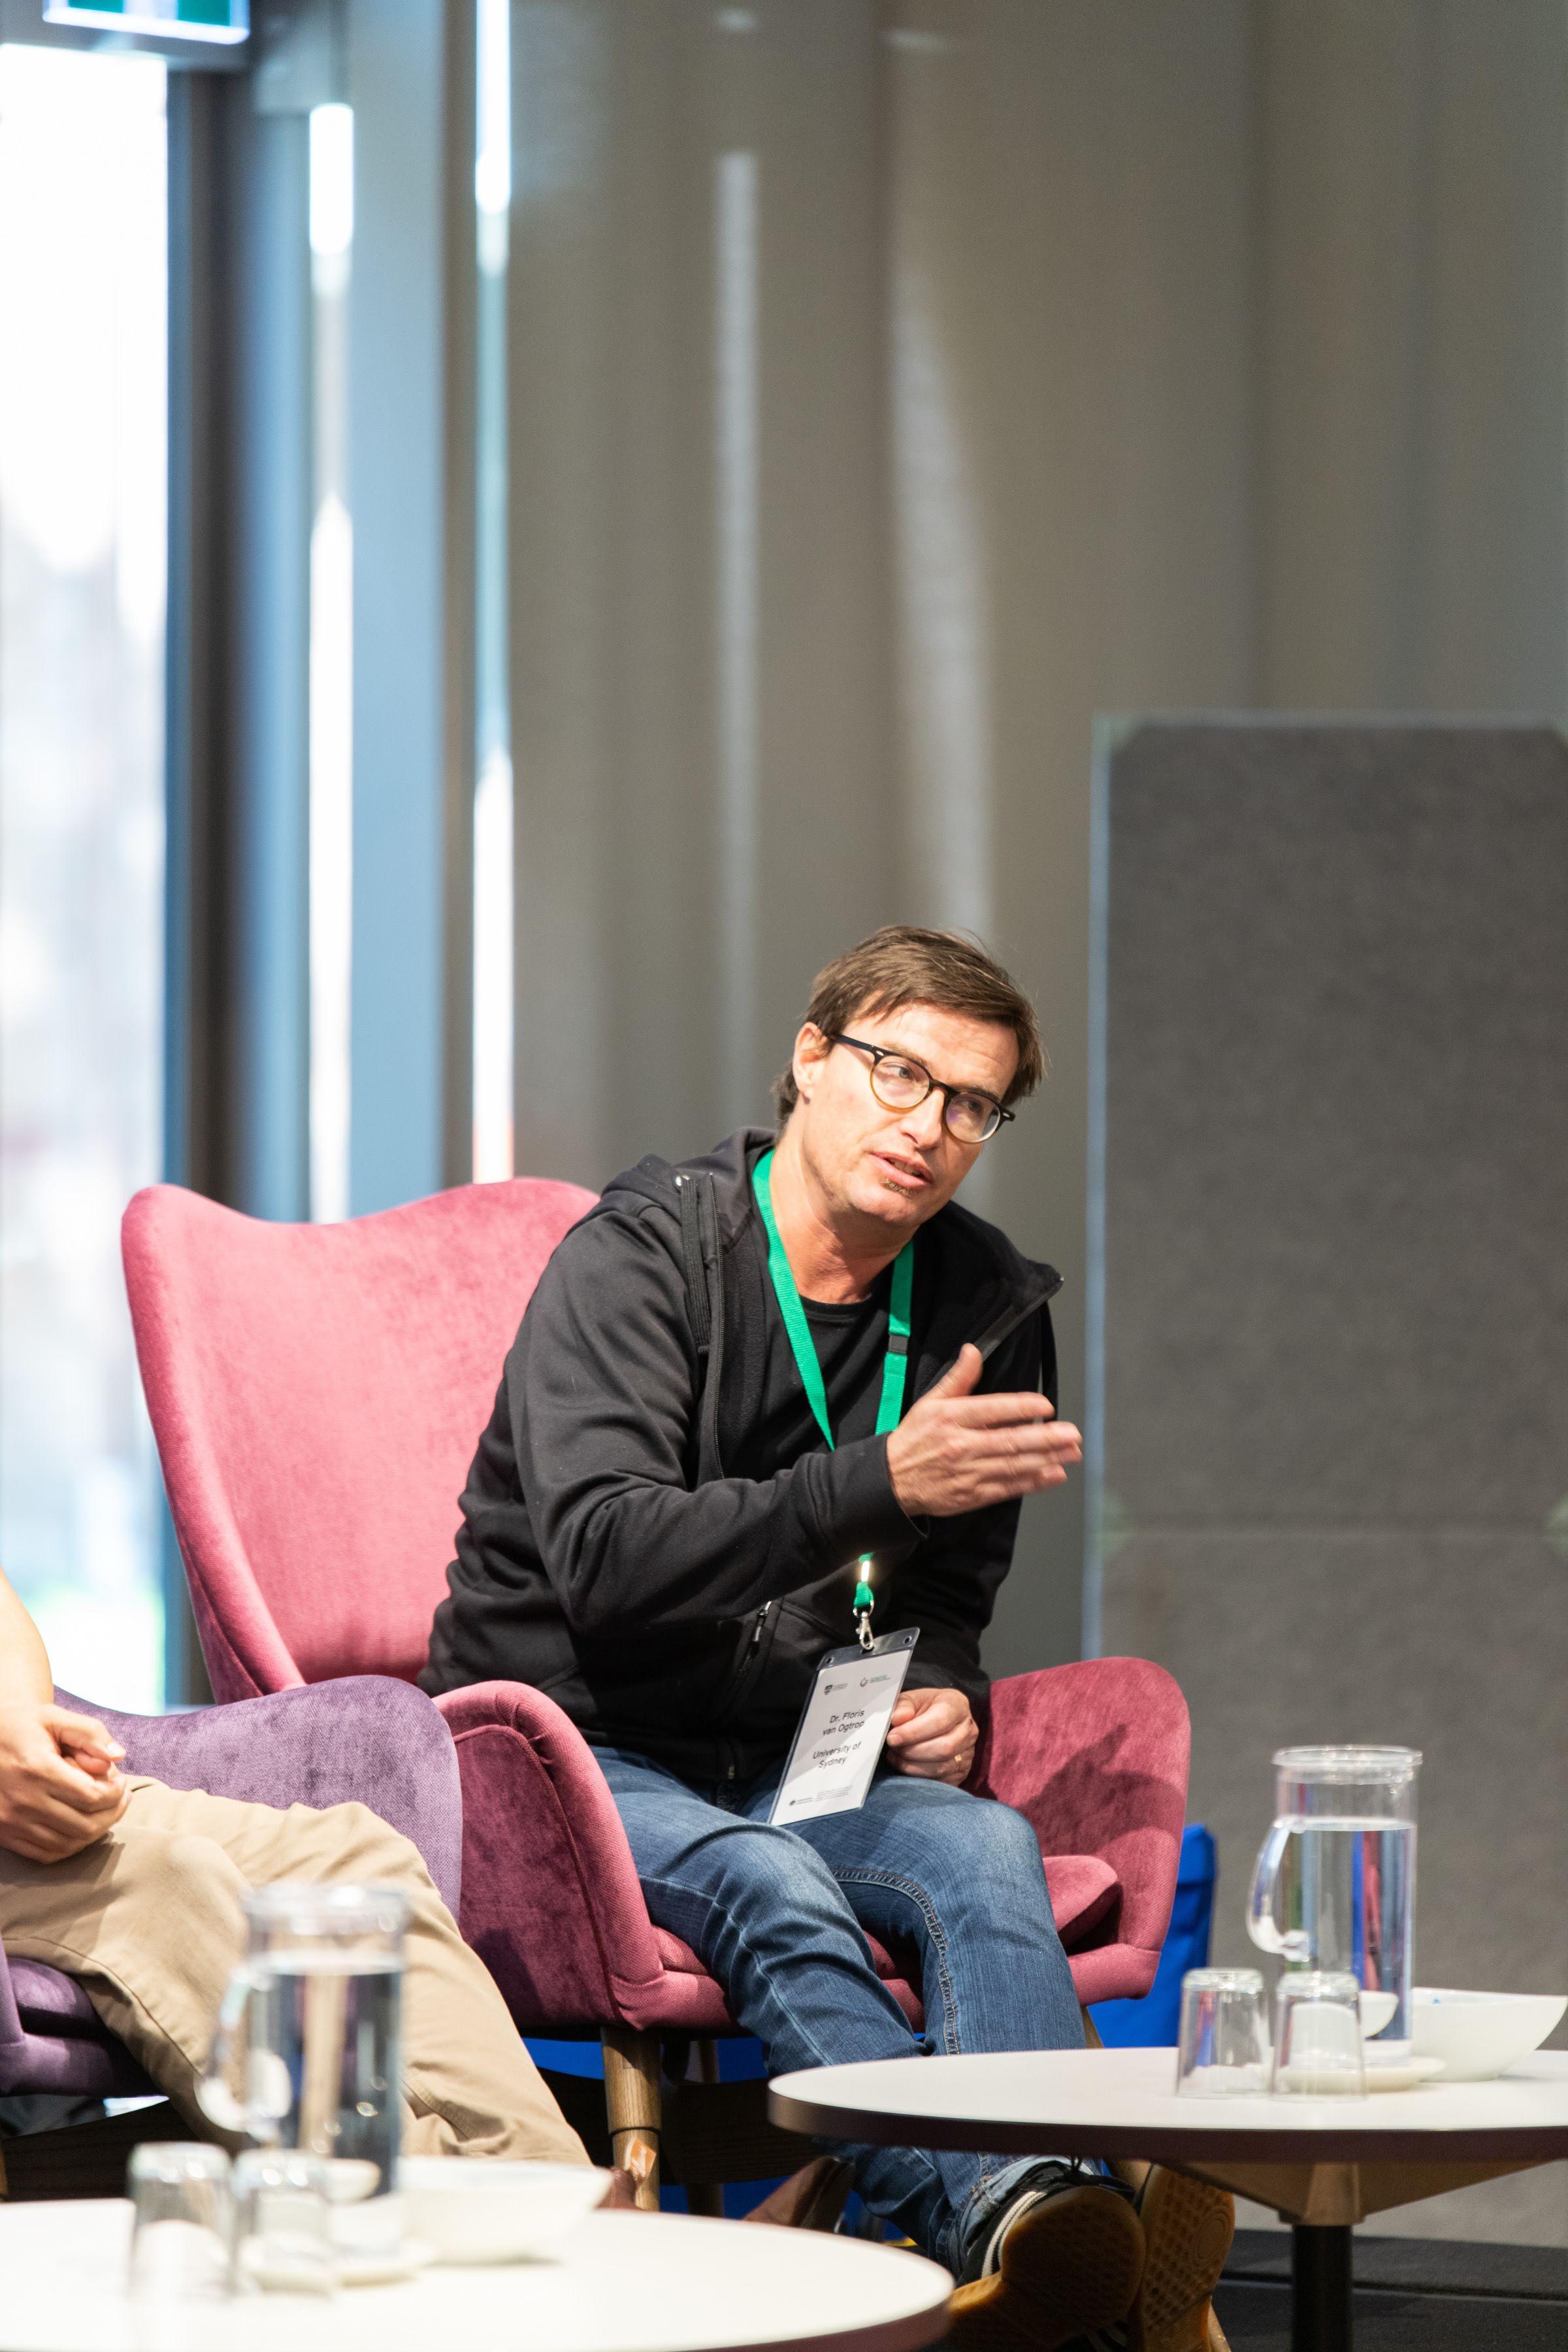 Dr Floris Van Ogtrop during Q&A session